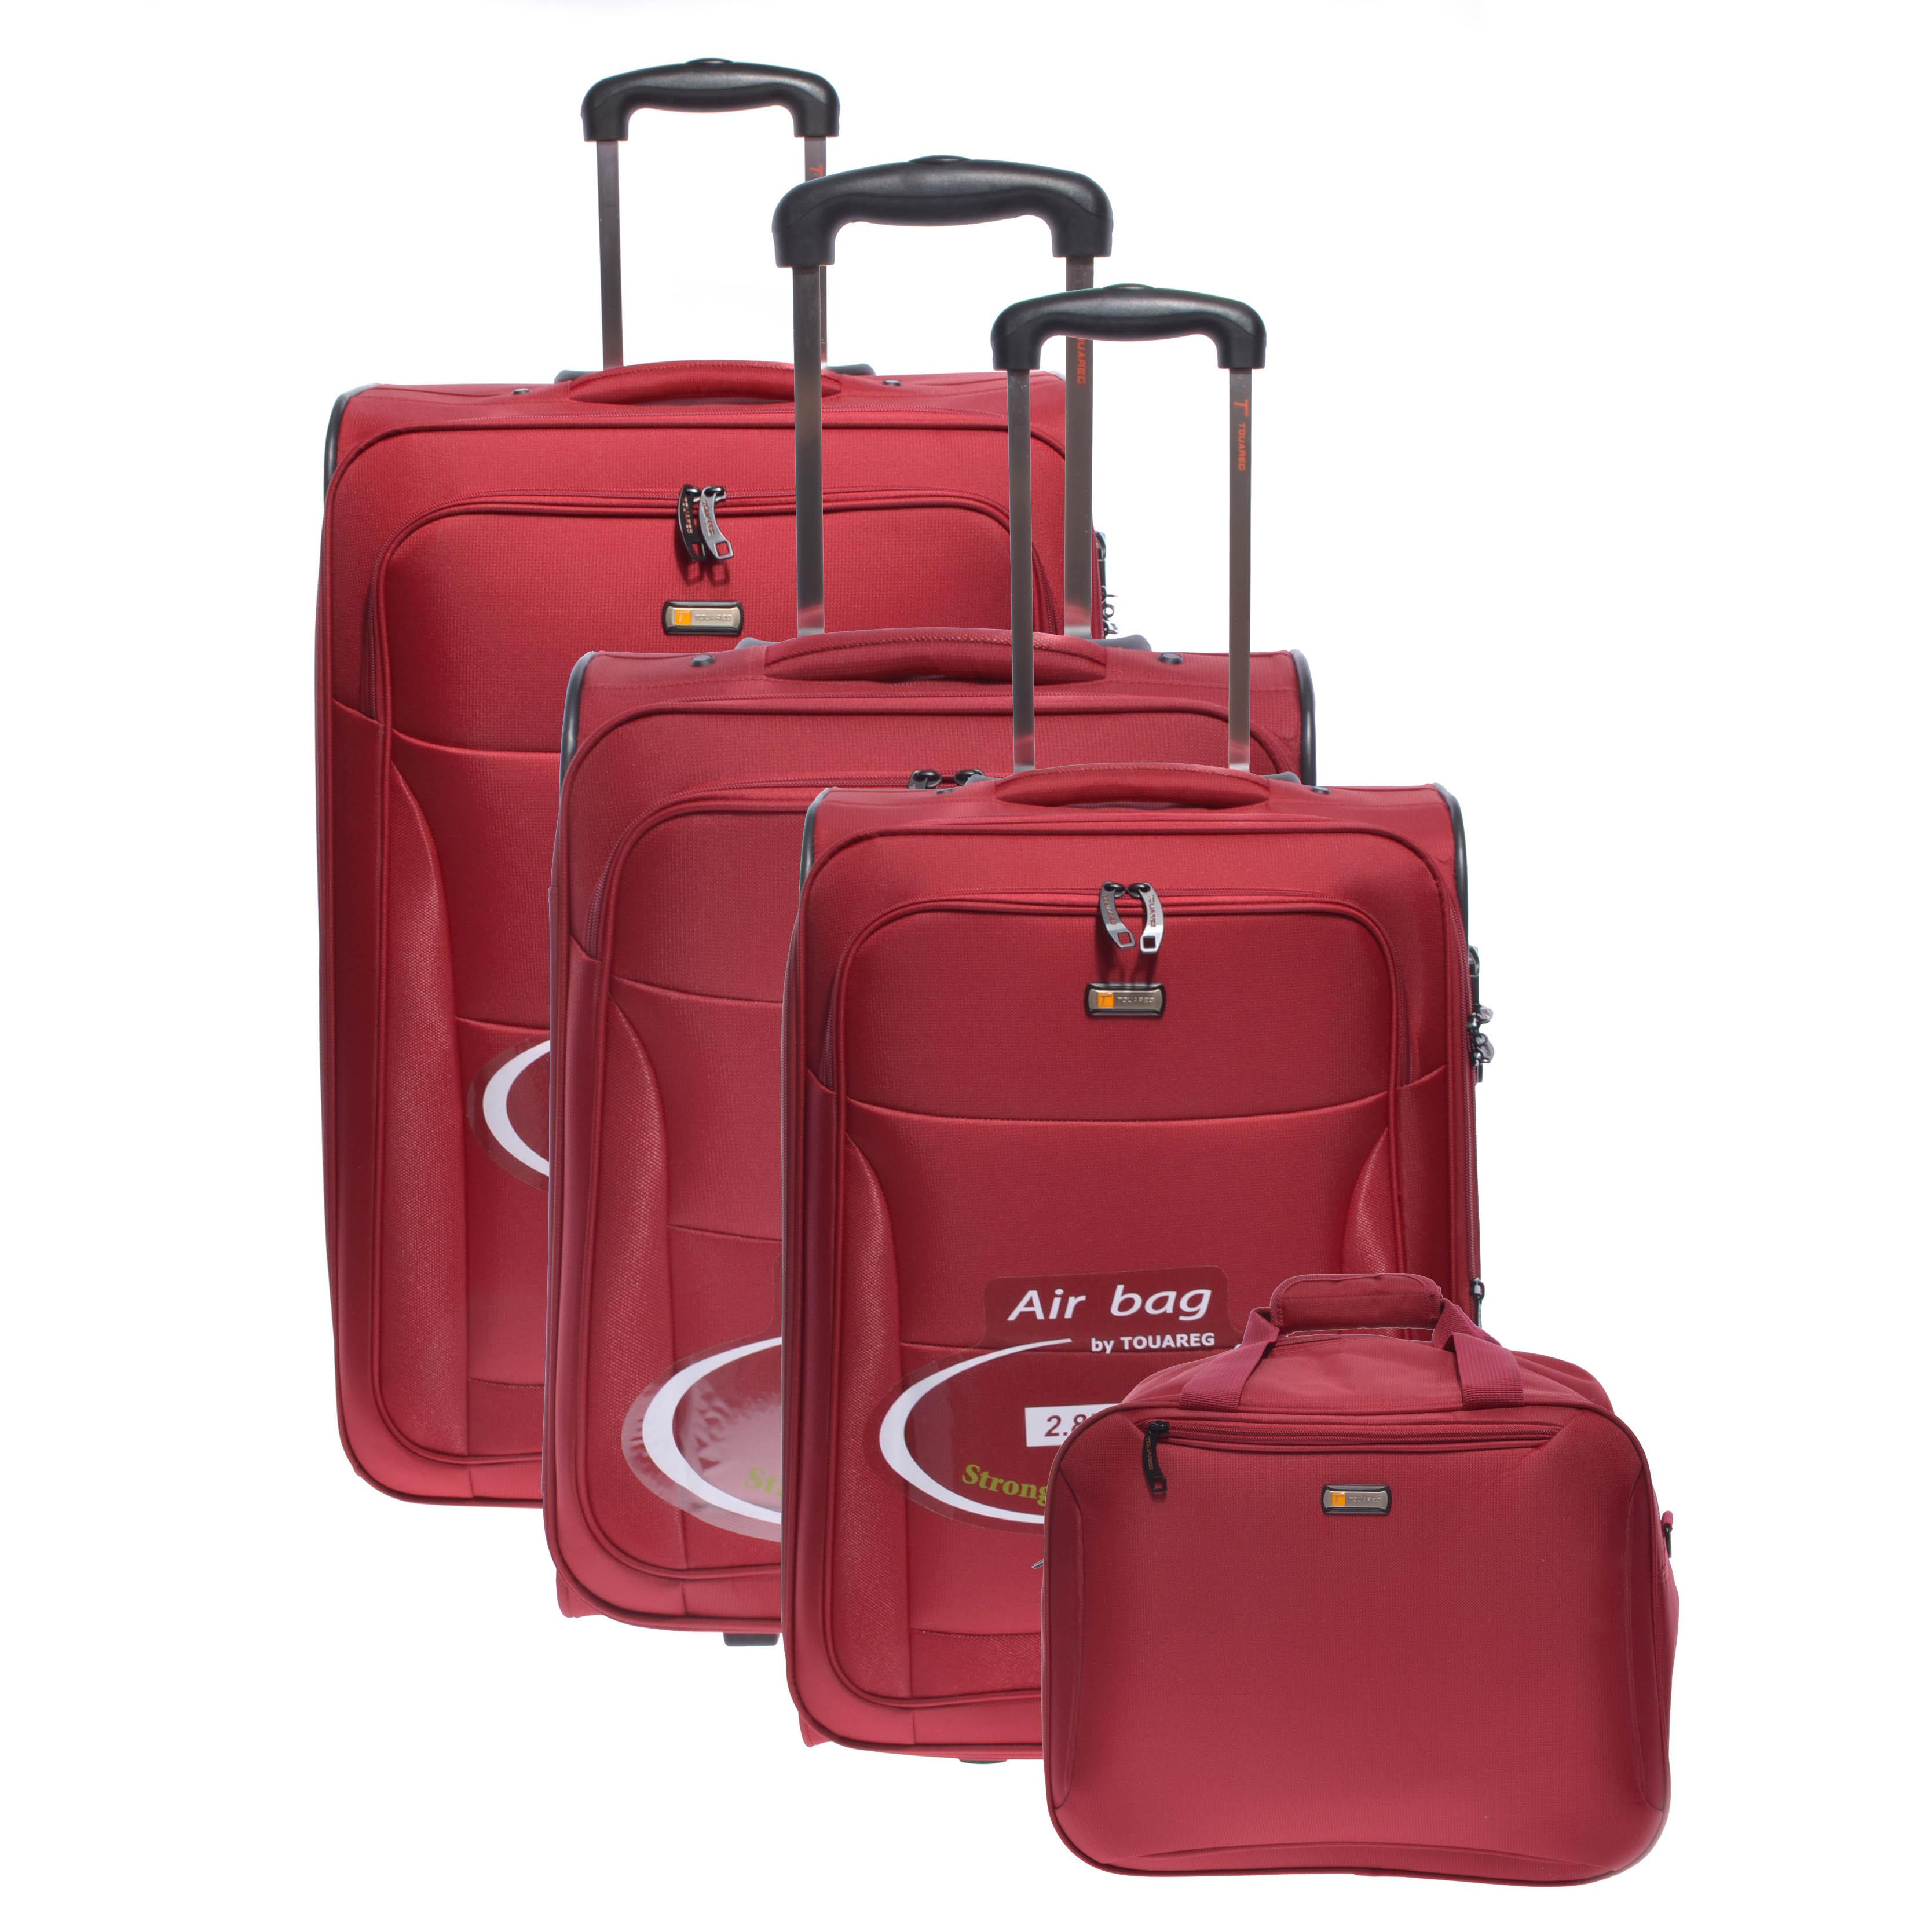 8bdd7274237a Air6201 Bordó Touareg Bőrönd Szett - Touareg - Táska webáruház - Minőségi  táskák mindenkinek